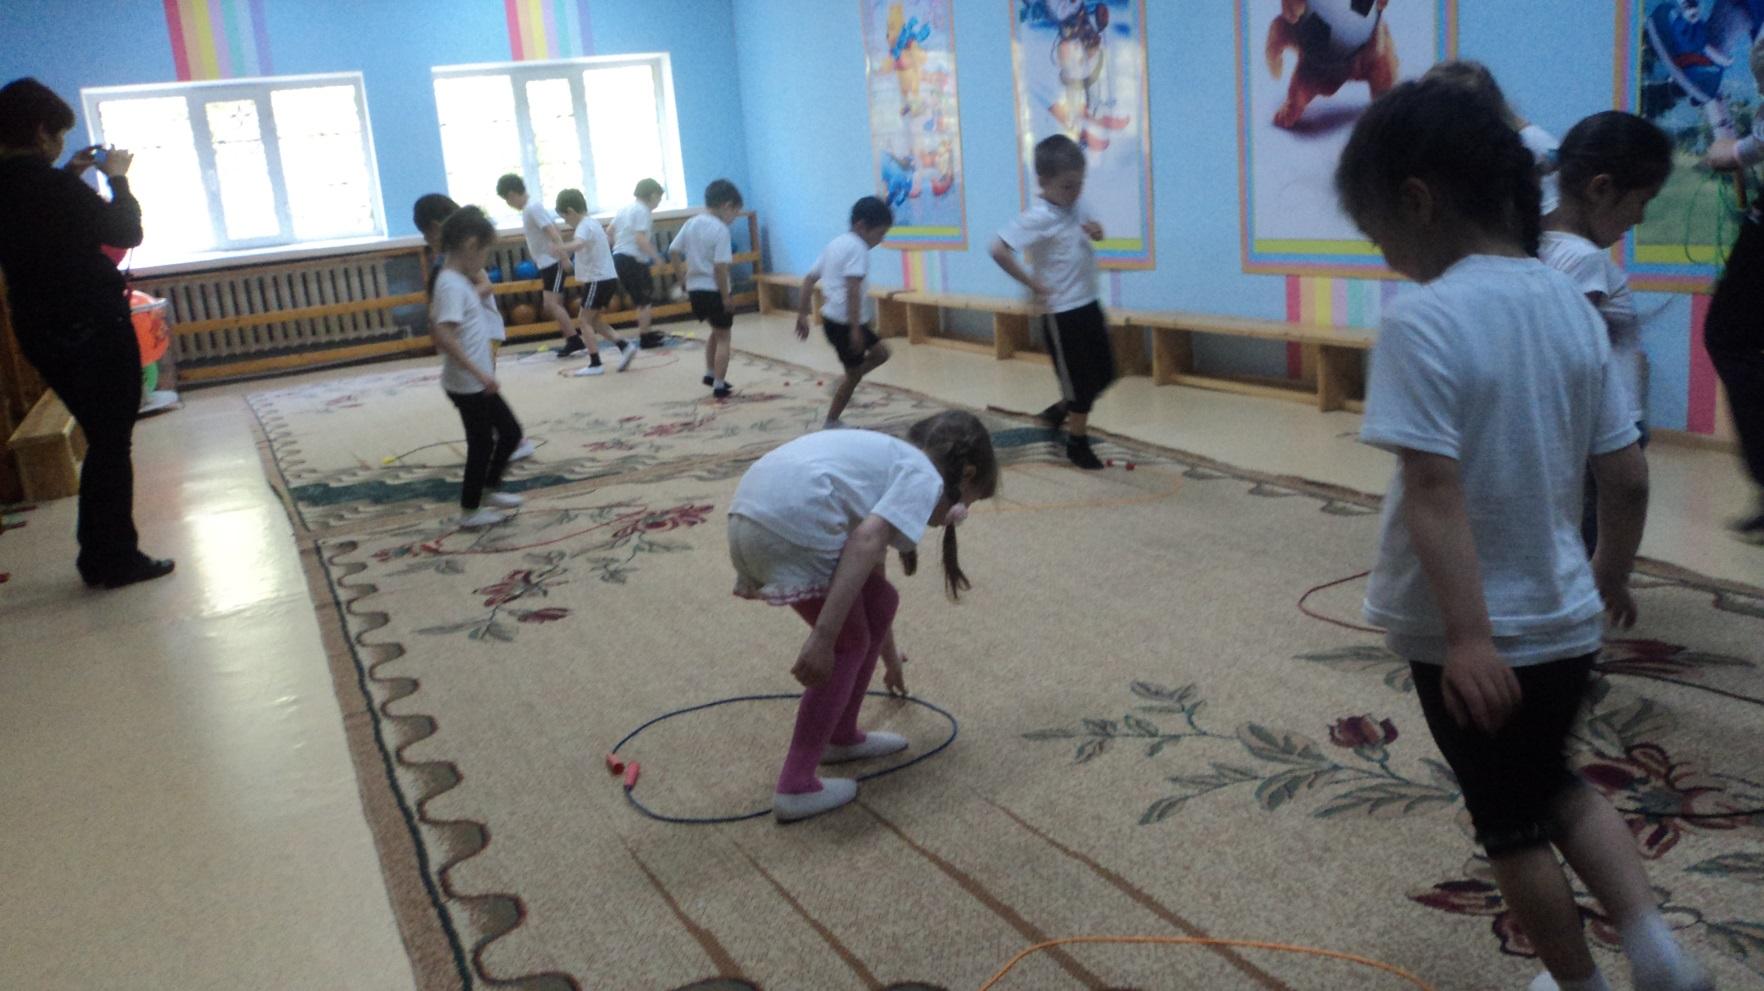 Описание: D:\Михална\Pictures\занятия, открытые просмотры\итоговые занятия 2012г\DSC03786.JPG